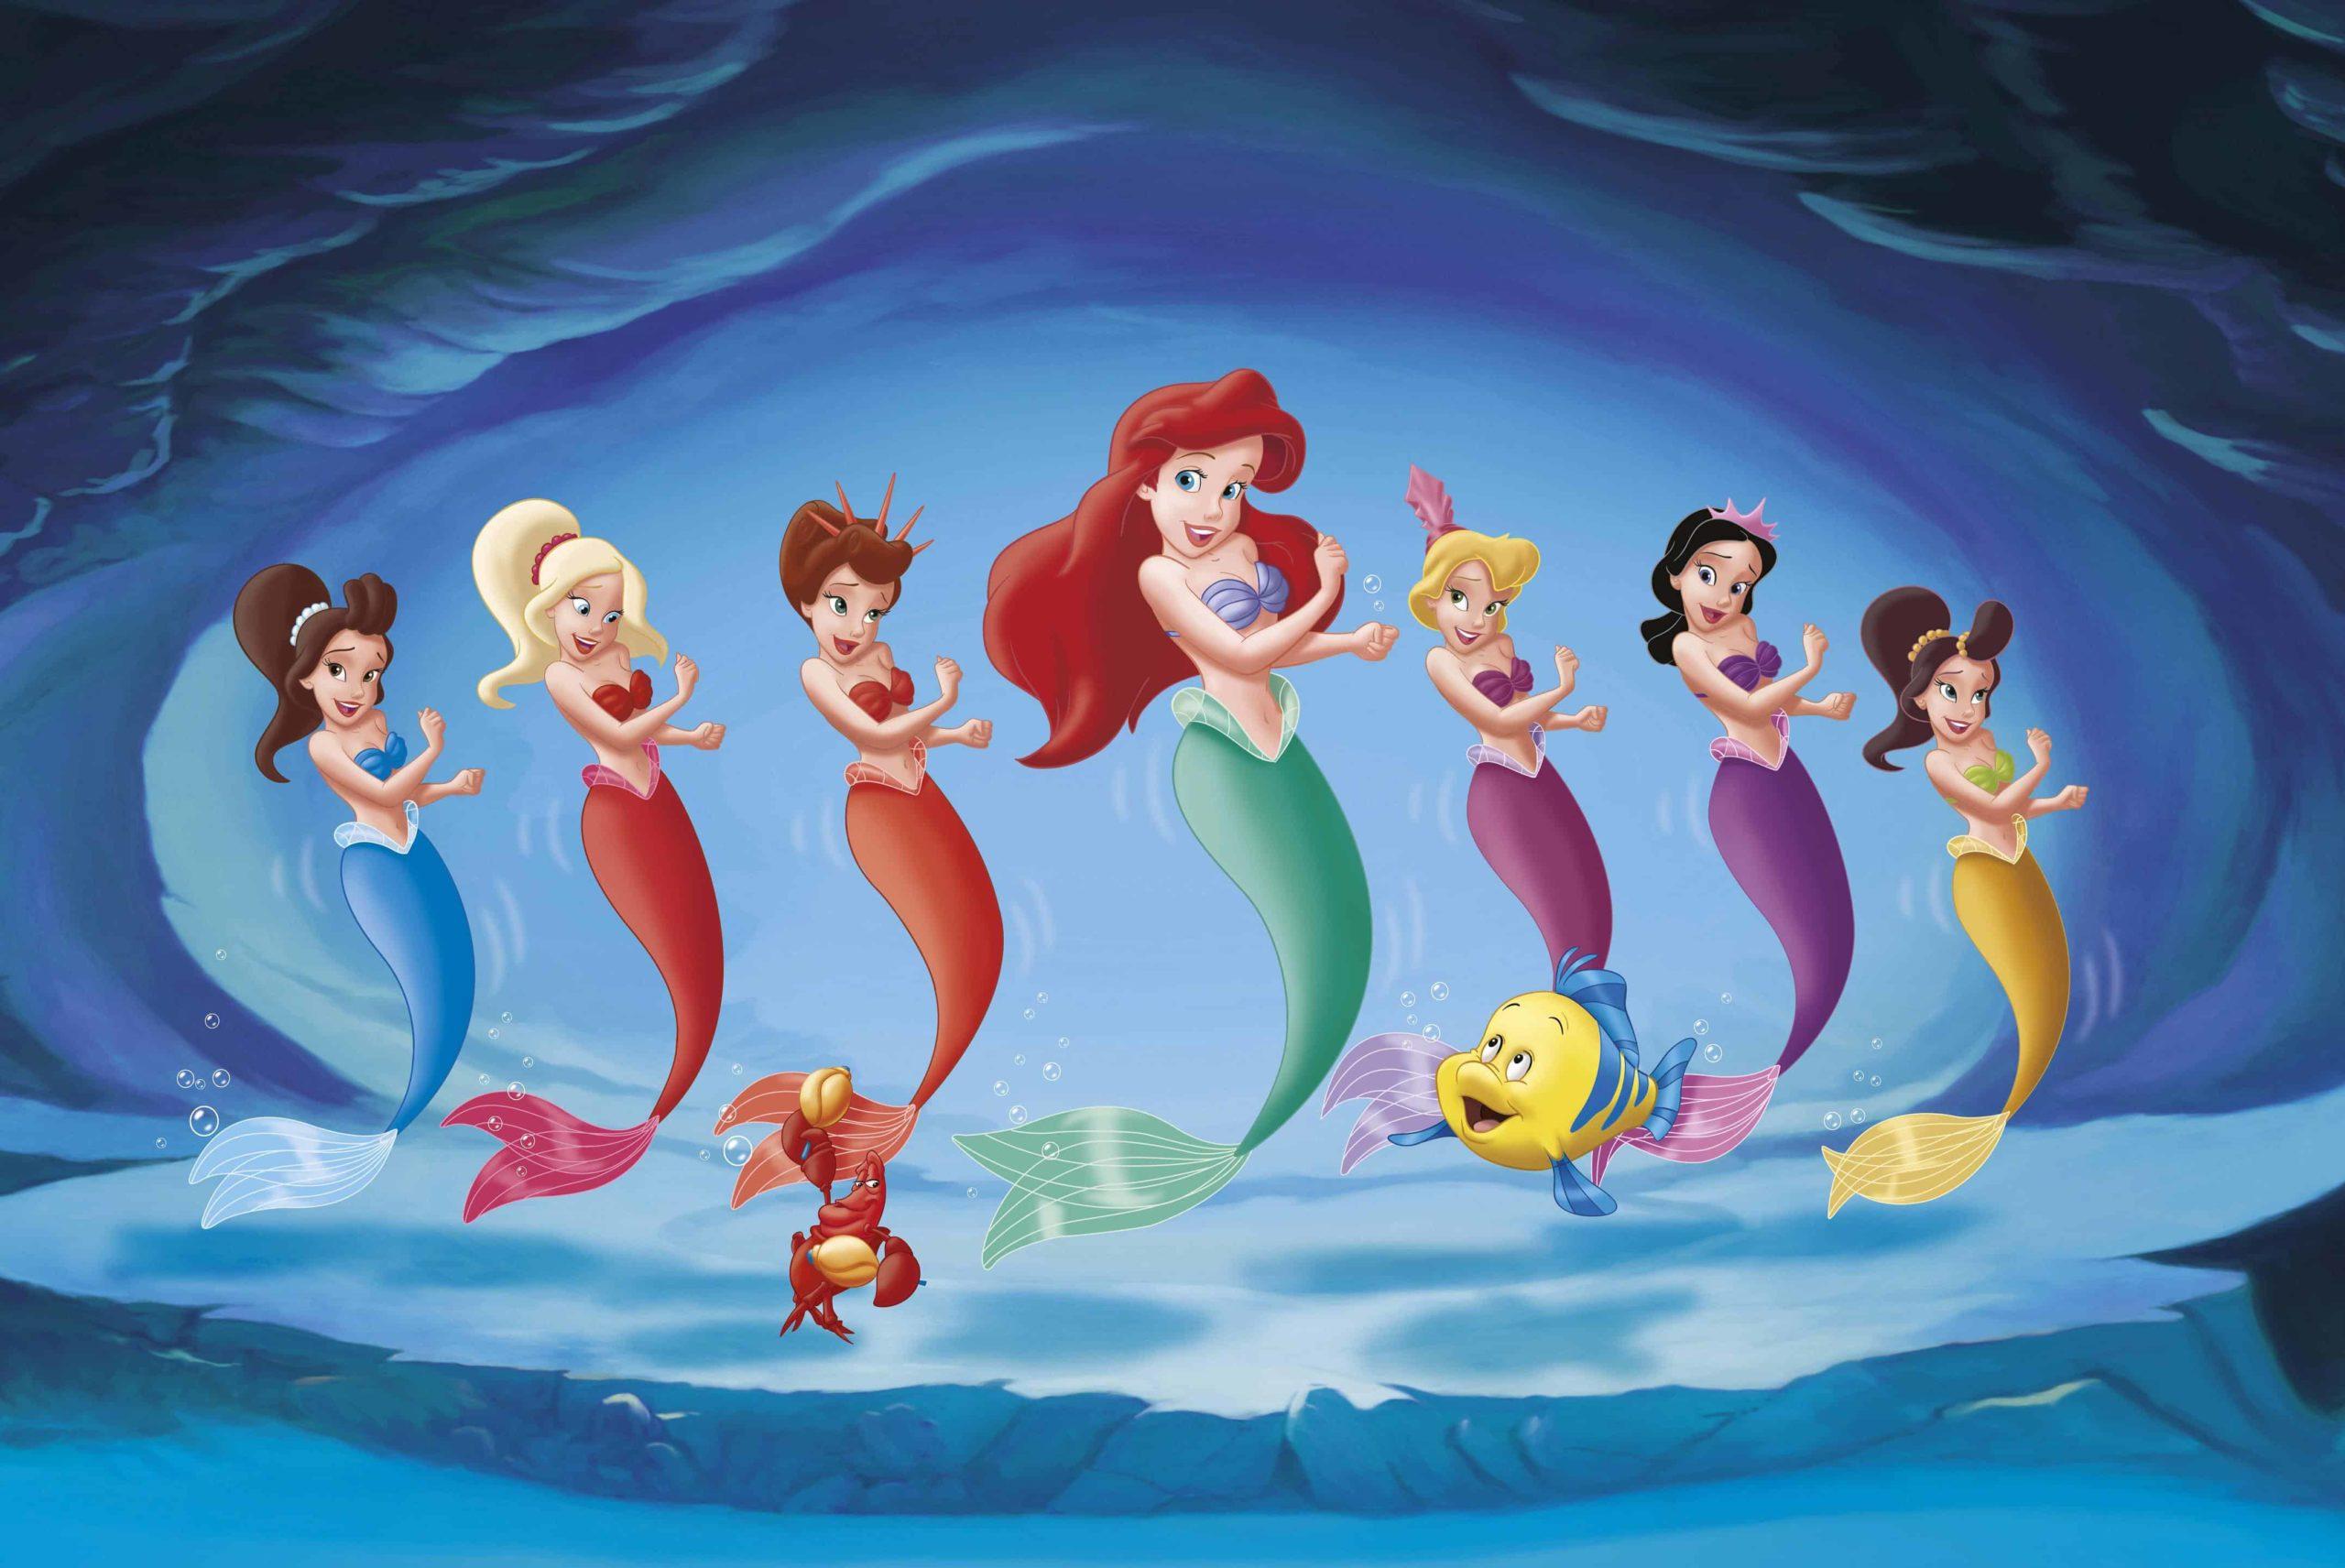 La Sirenita 3